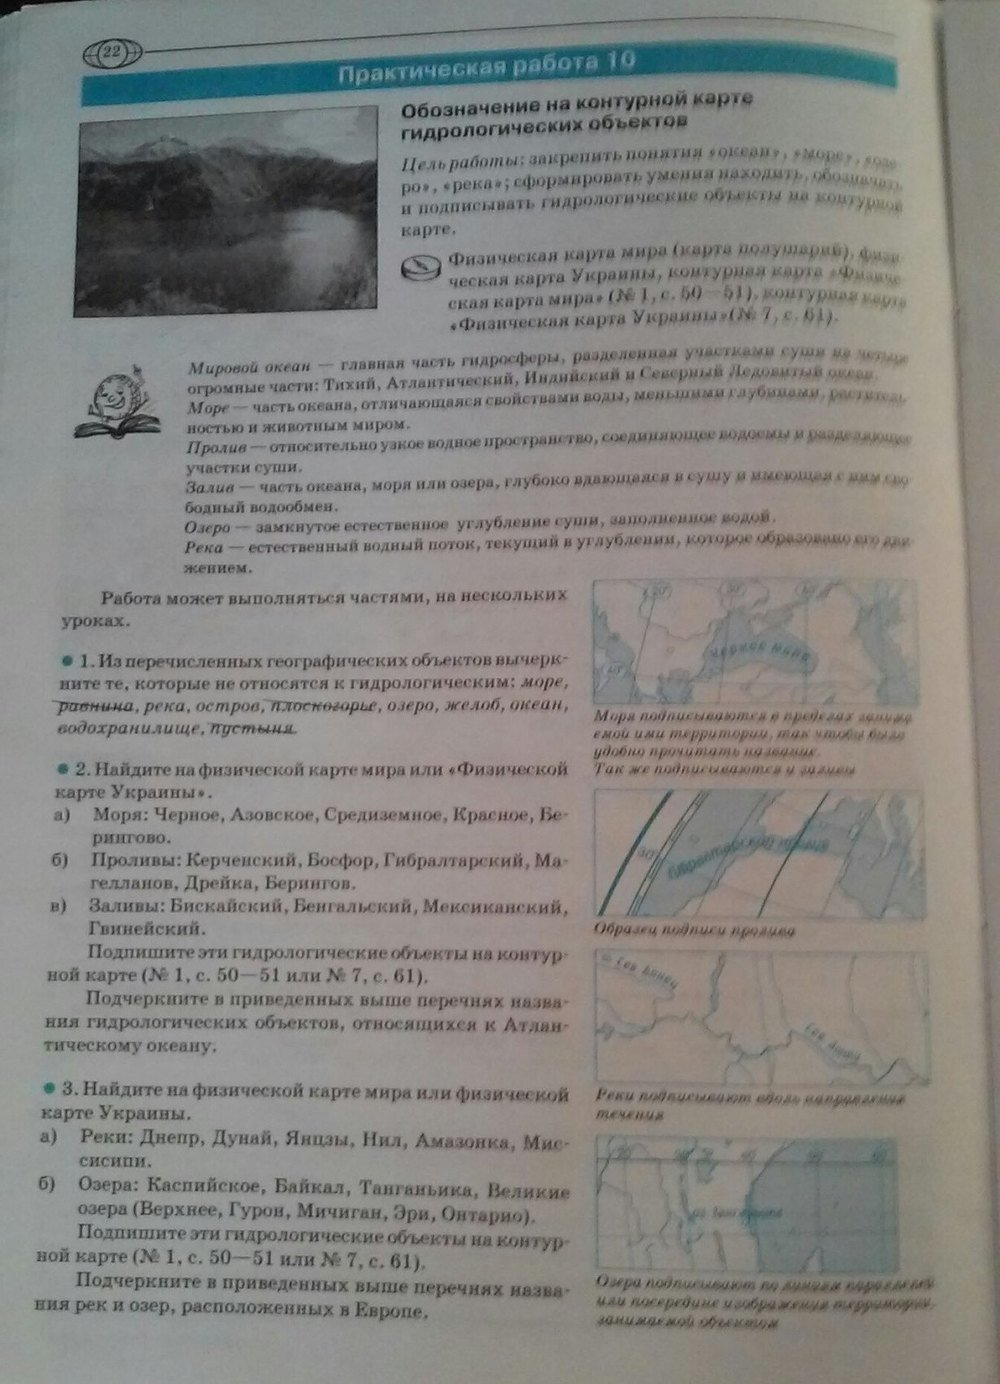 Гдз по тетради для практических работ по географии 6 класс